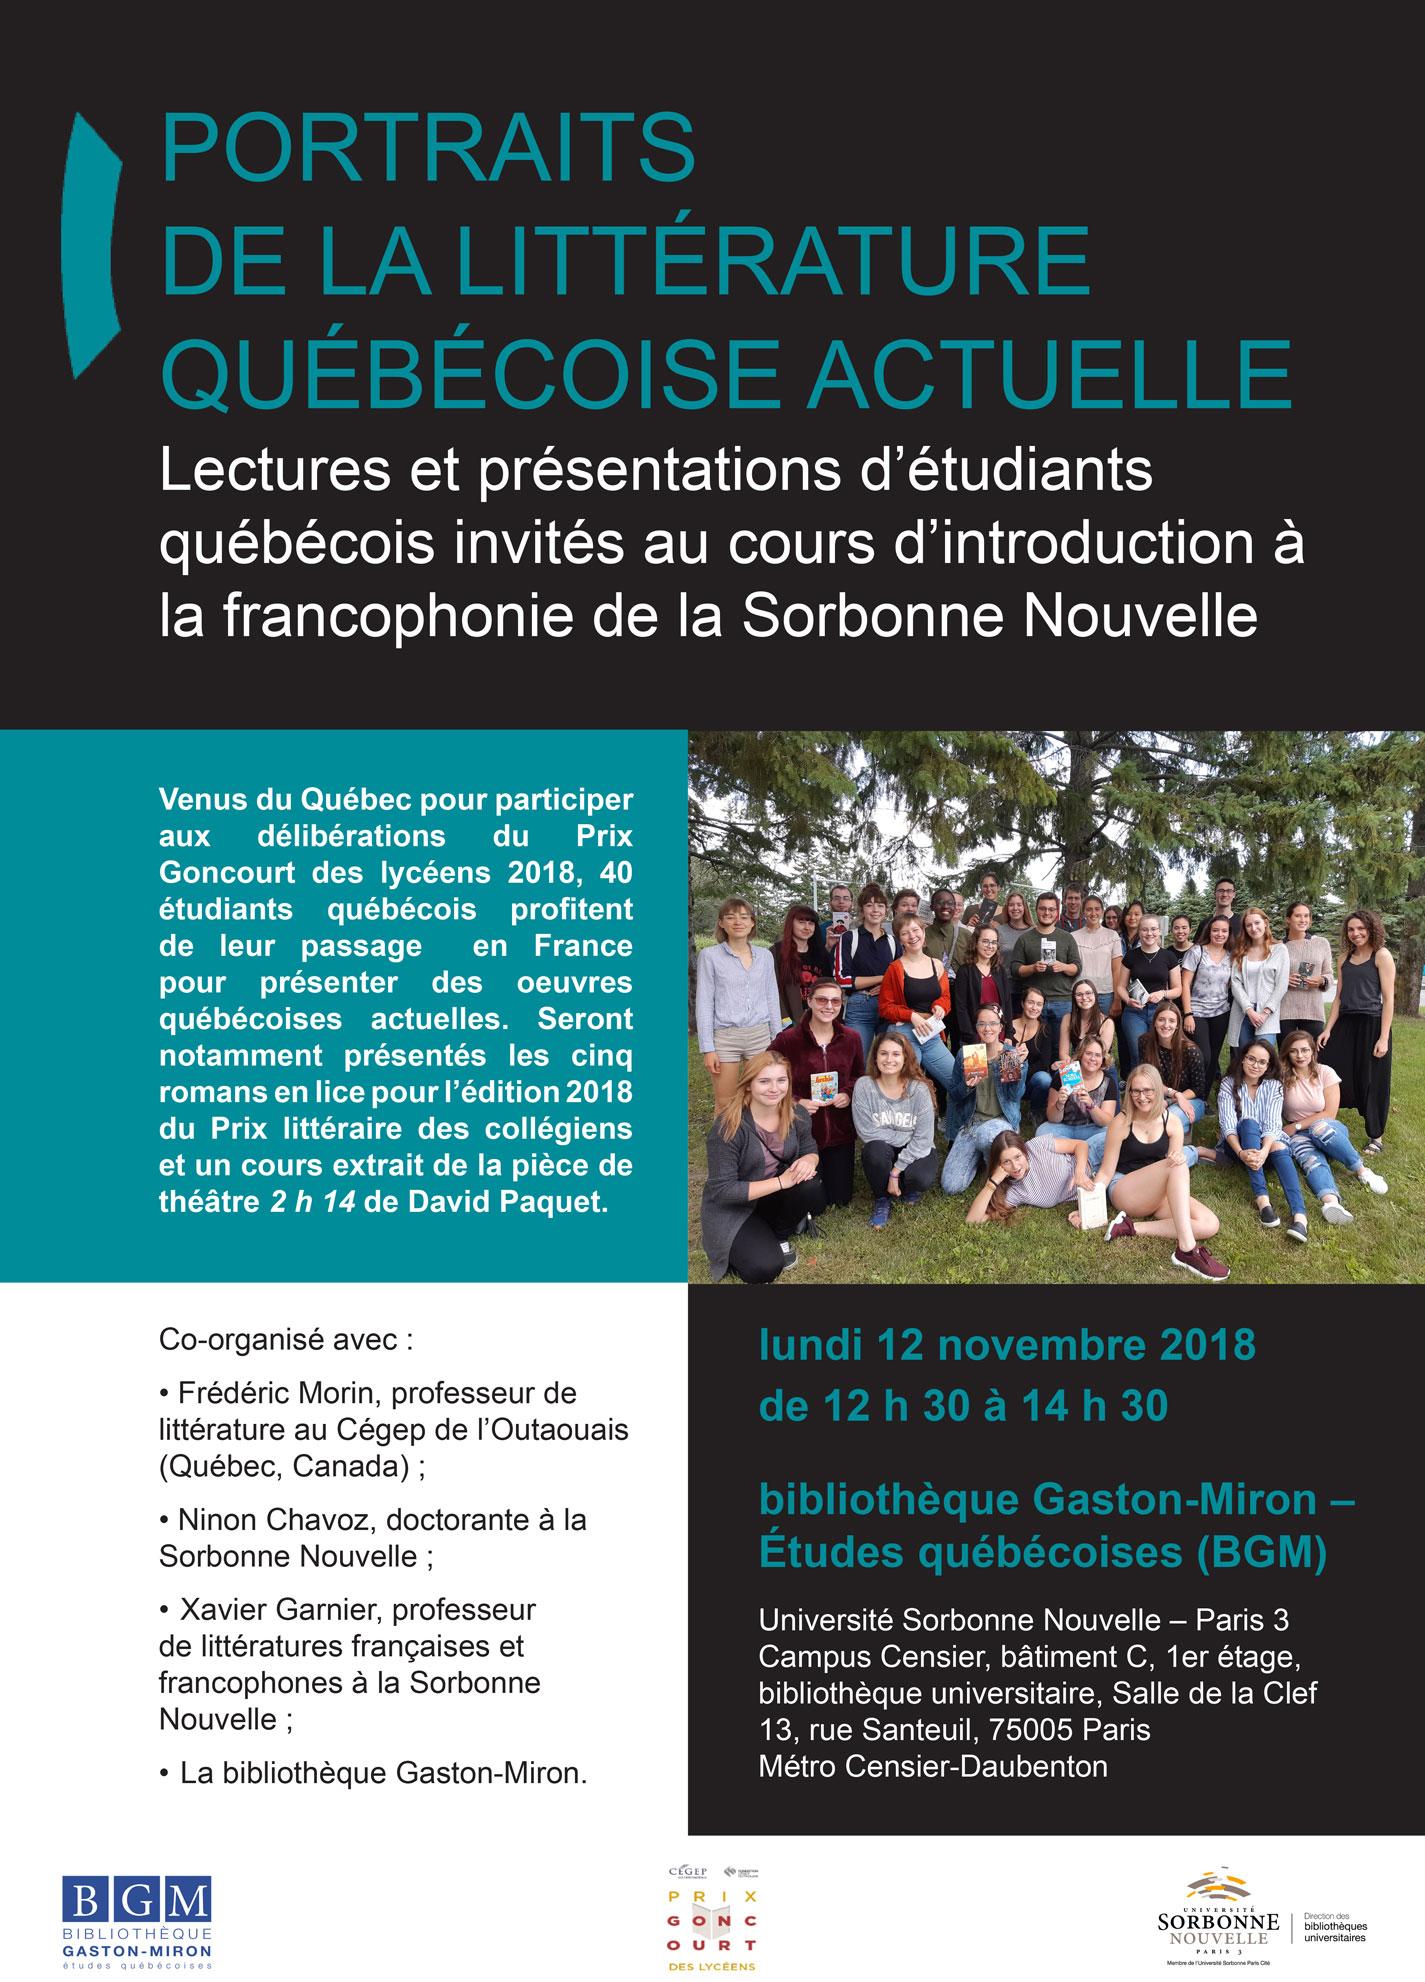 2018-11-12 Portraits de la littérature québécoise